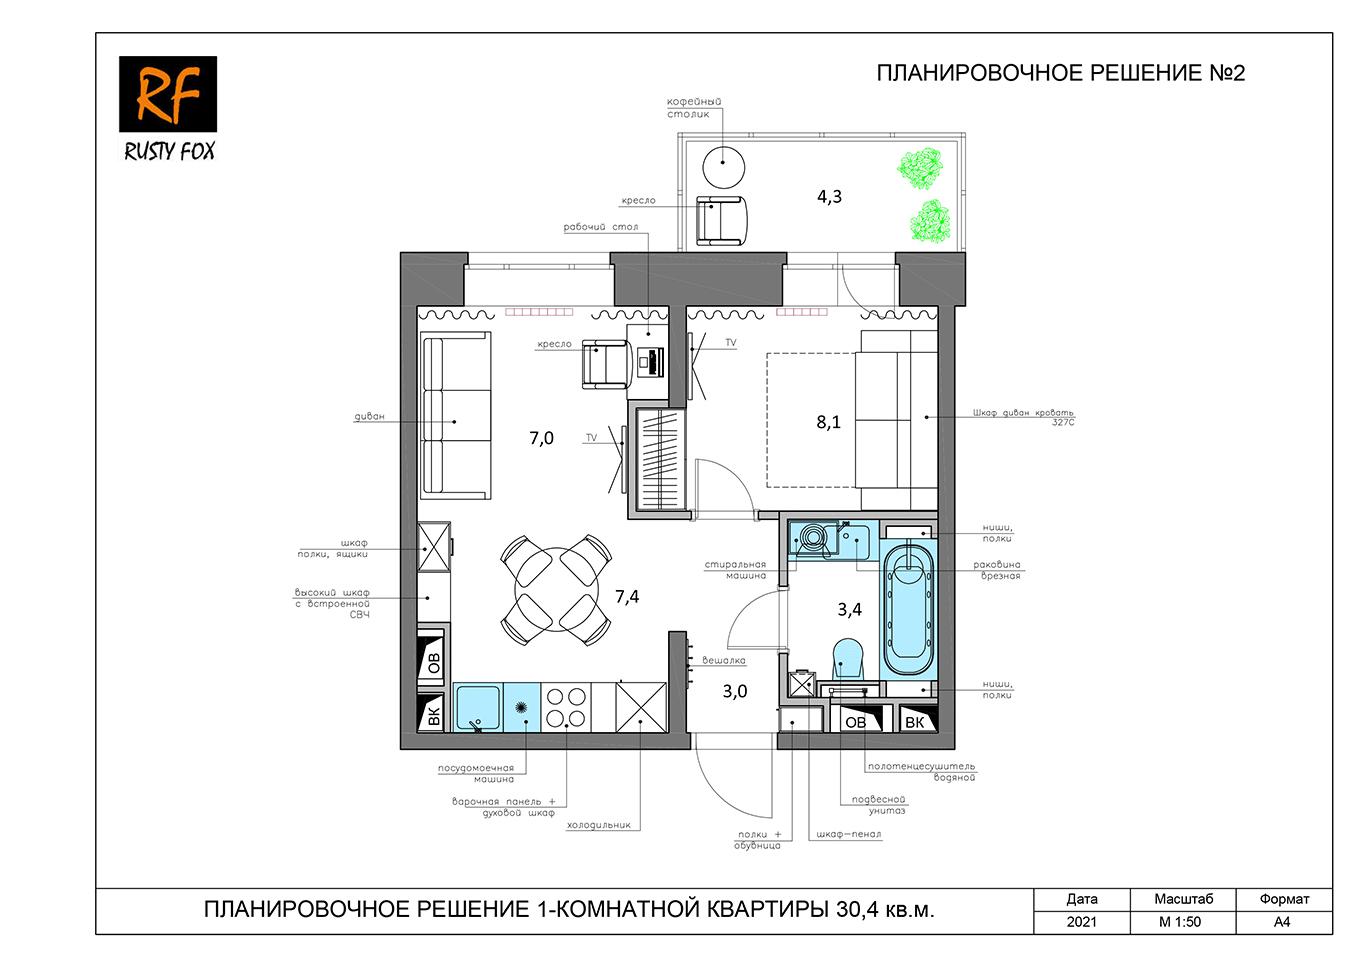 ЖК Люберцы корпус 52, секция 1. Планировочное решение №2 1-комнотной квартира 30,4 кв.м.